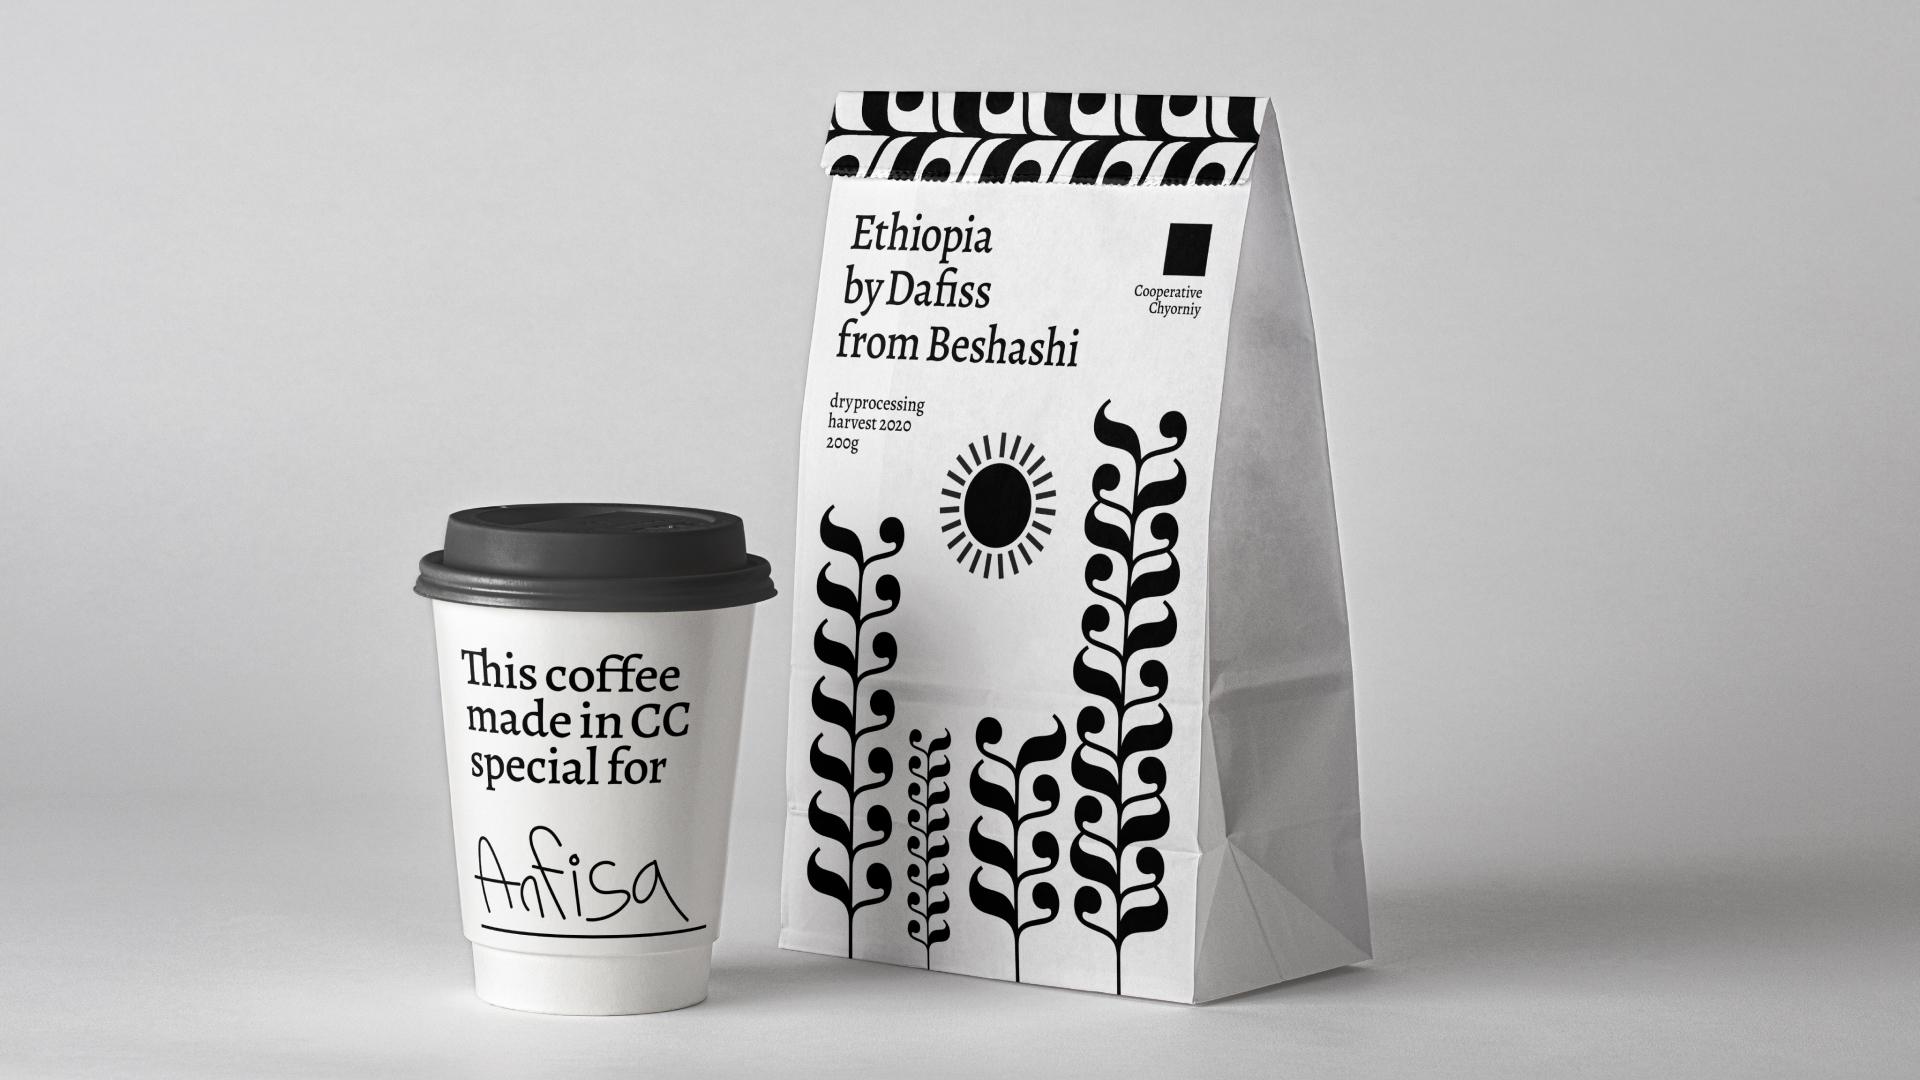 Cooperative Chyorniy Coffee Hoyse Brand Identity Concept by Sasha Korshenyuk